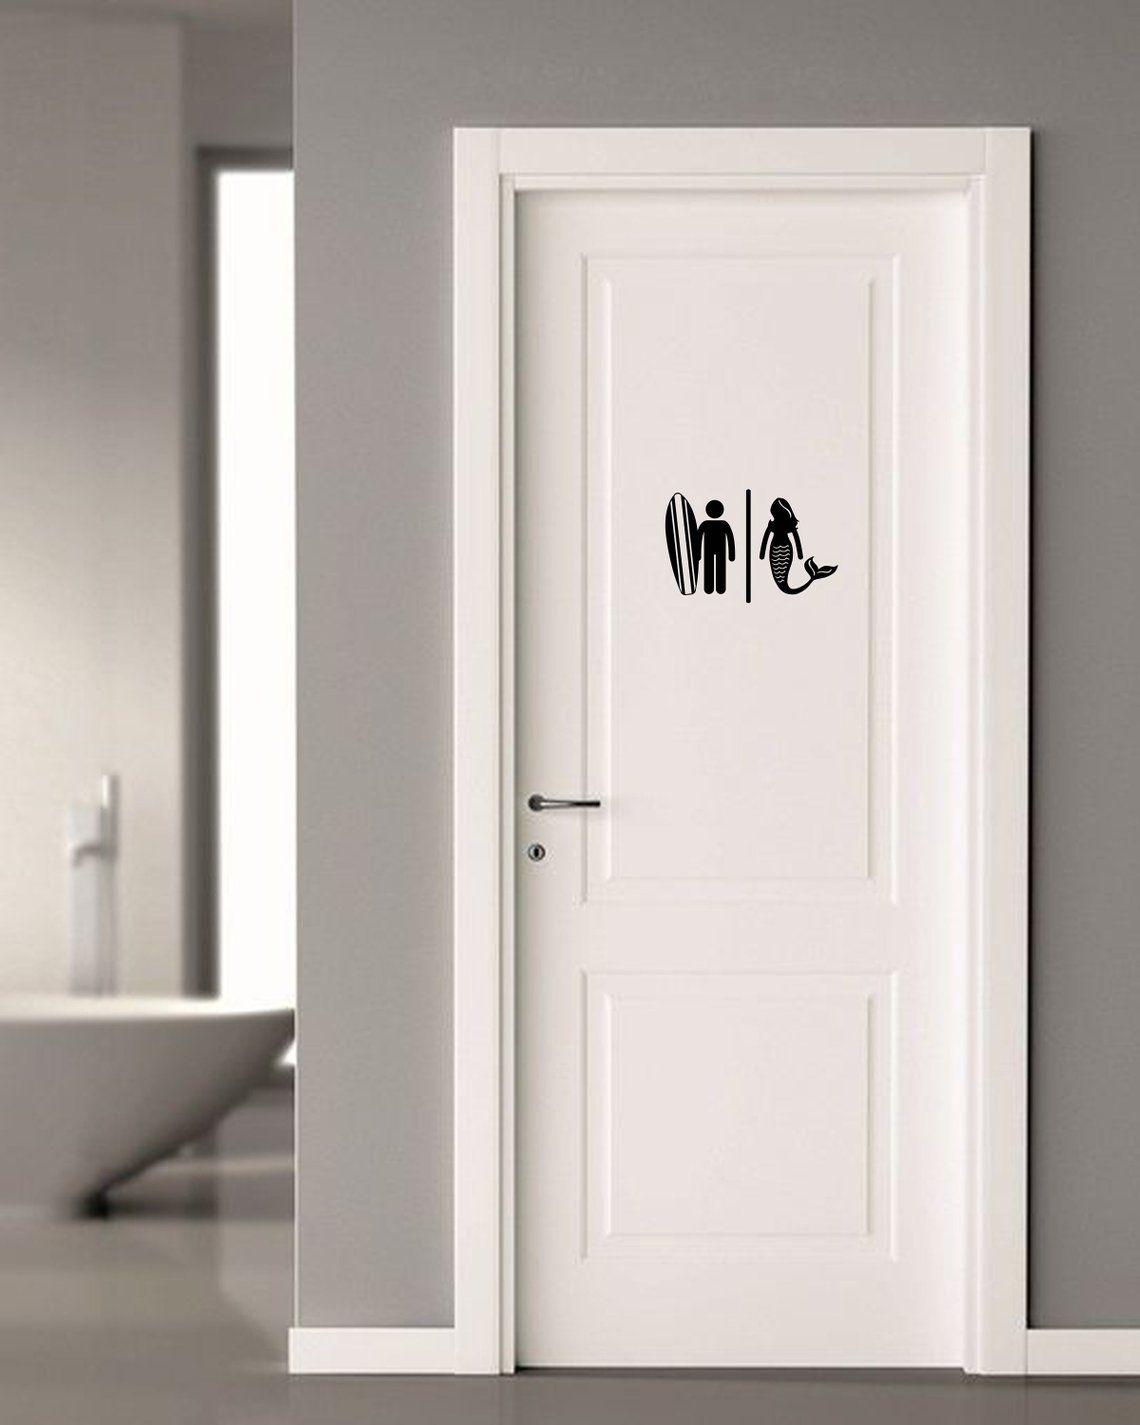 Surfer Mermaid Restroom Door Sign Premium Vinyl Decal Etsy Amazing Bathrooms Door Decals Door Signs